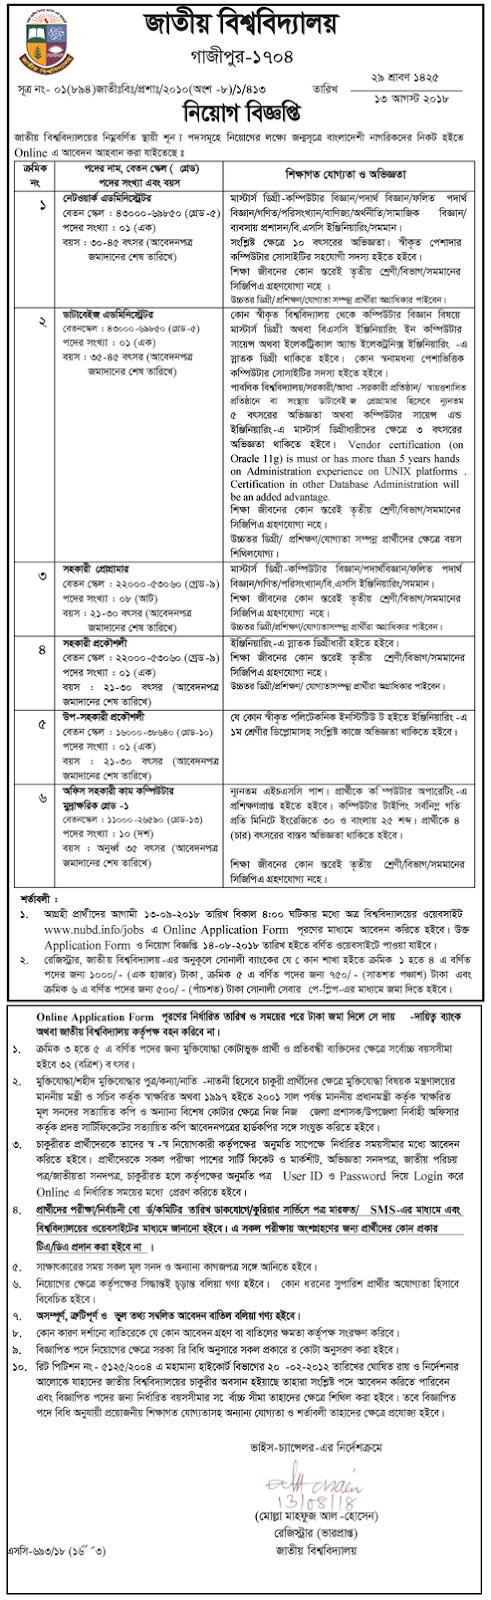 National University (NU) Recruitment Circular 2018